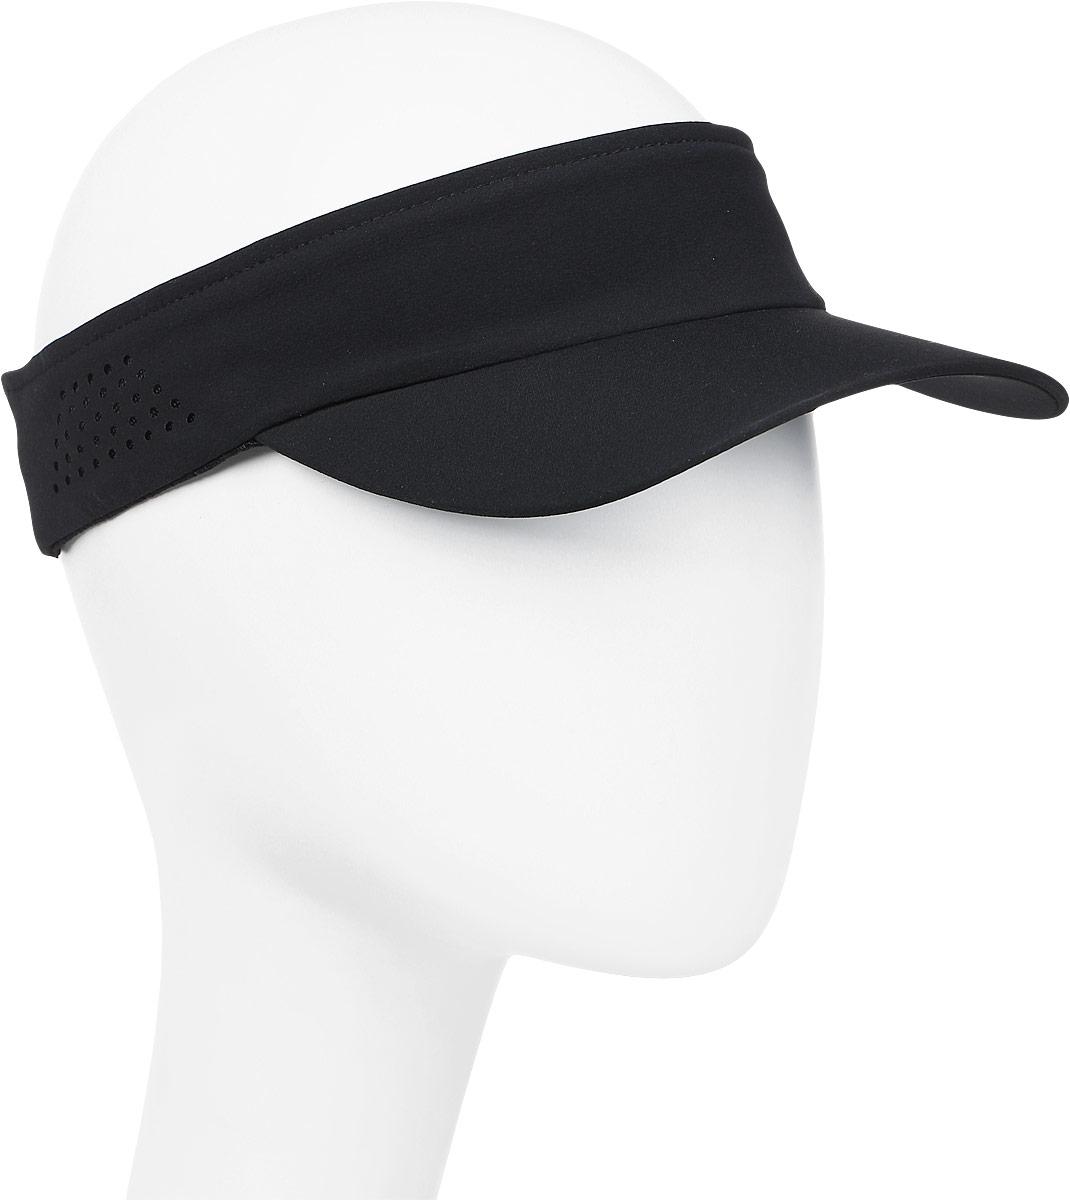 Козырек мужской Asics Visor Performance, цвет: черный. 155012-0904. Размер универсальный лонгслив мужской asics ls top цвет черный 134088 0904 размер xl 50